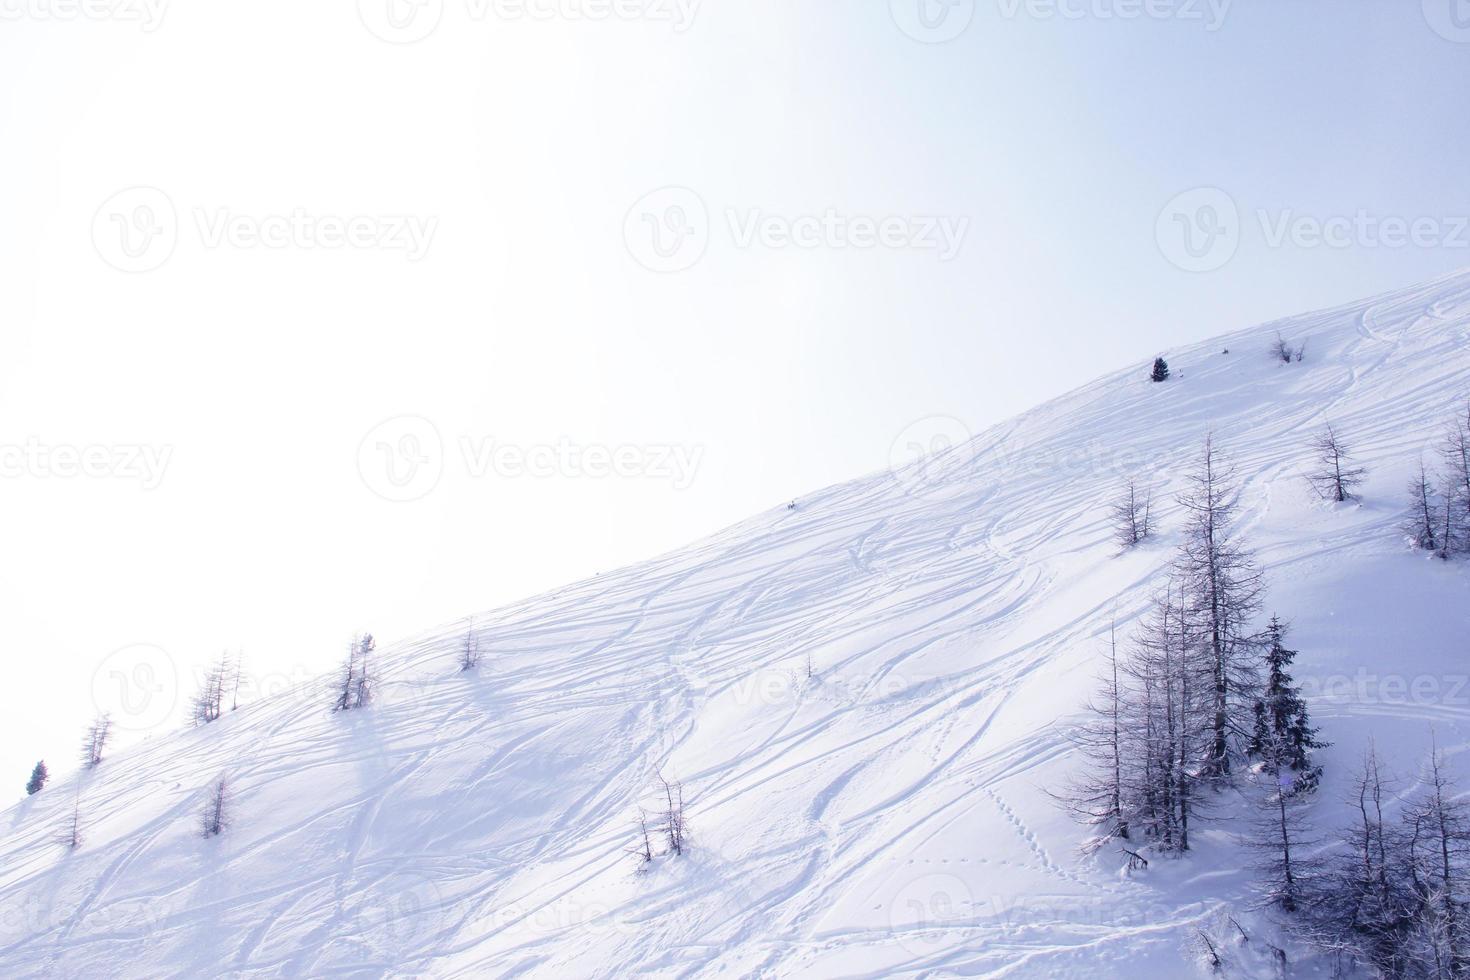 pendiente con pistas de esquí foto